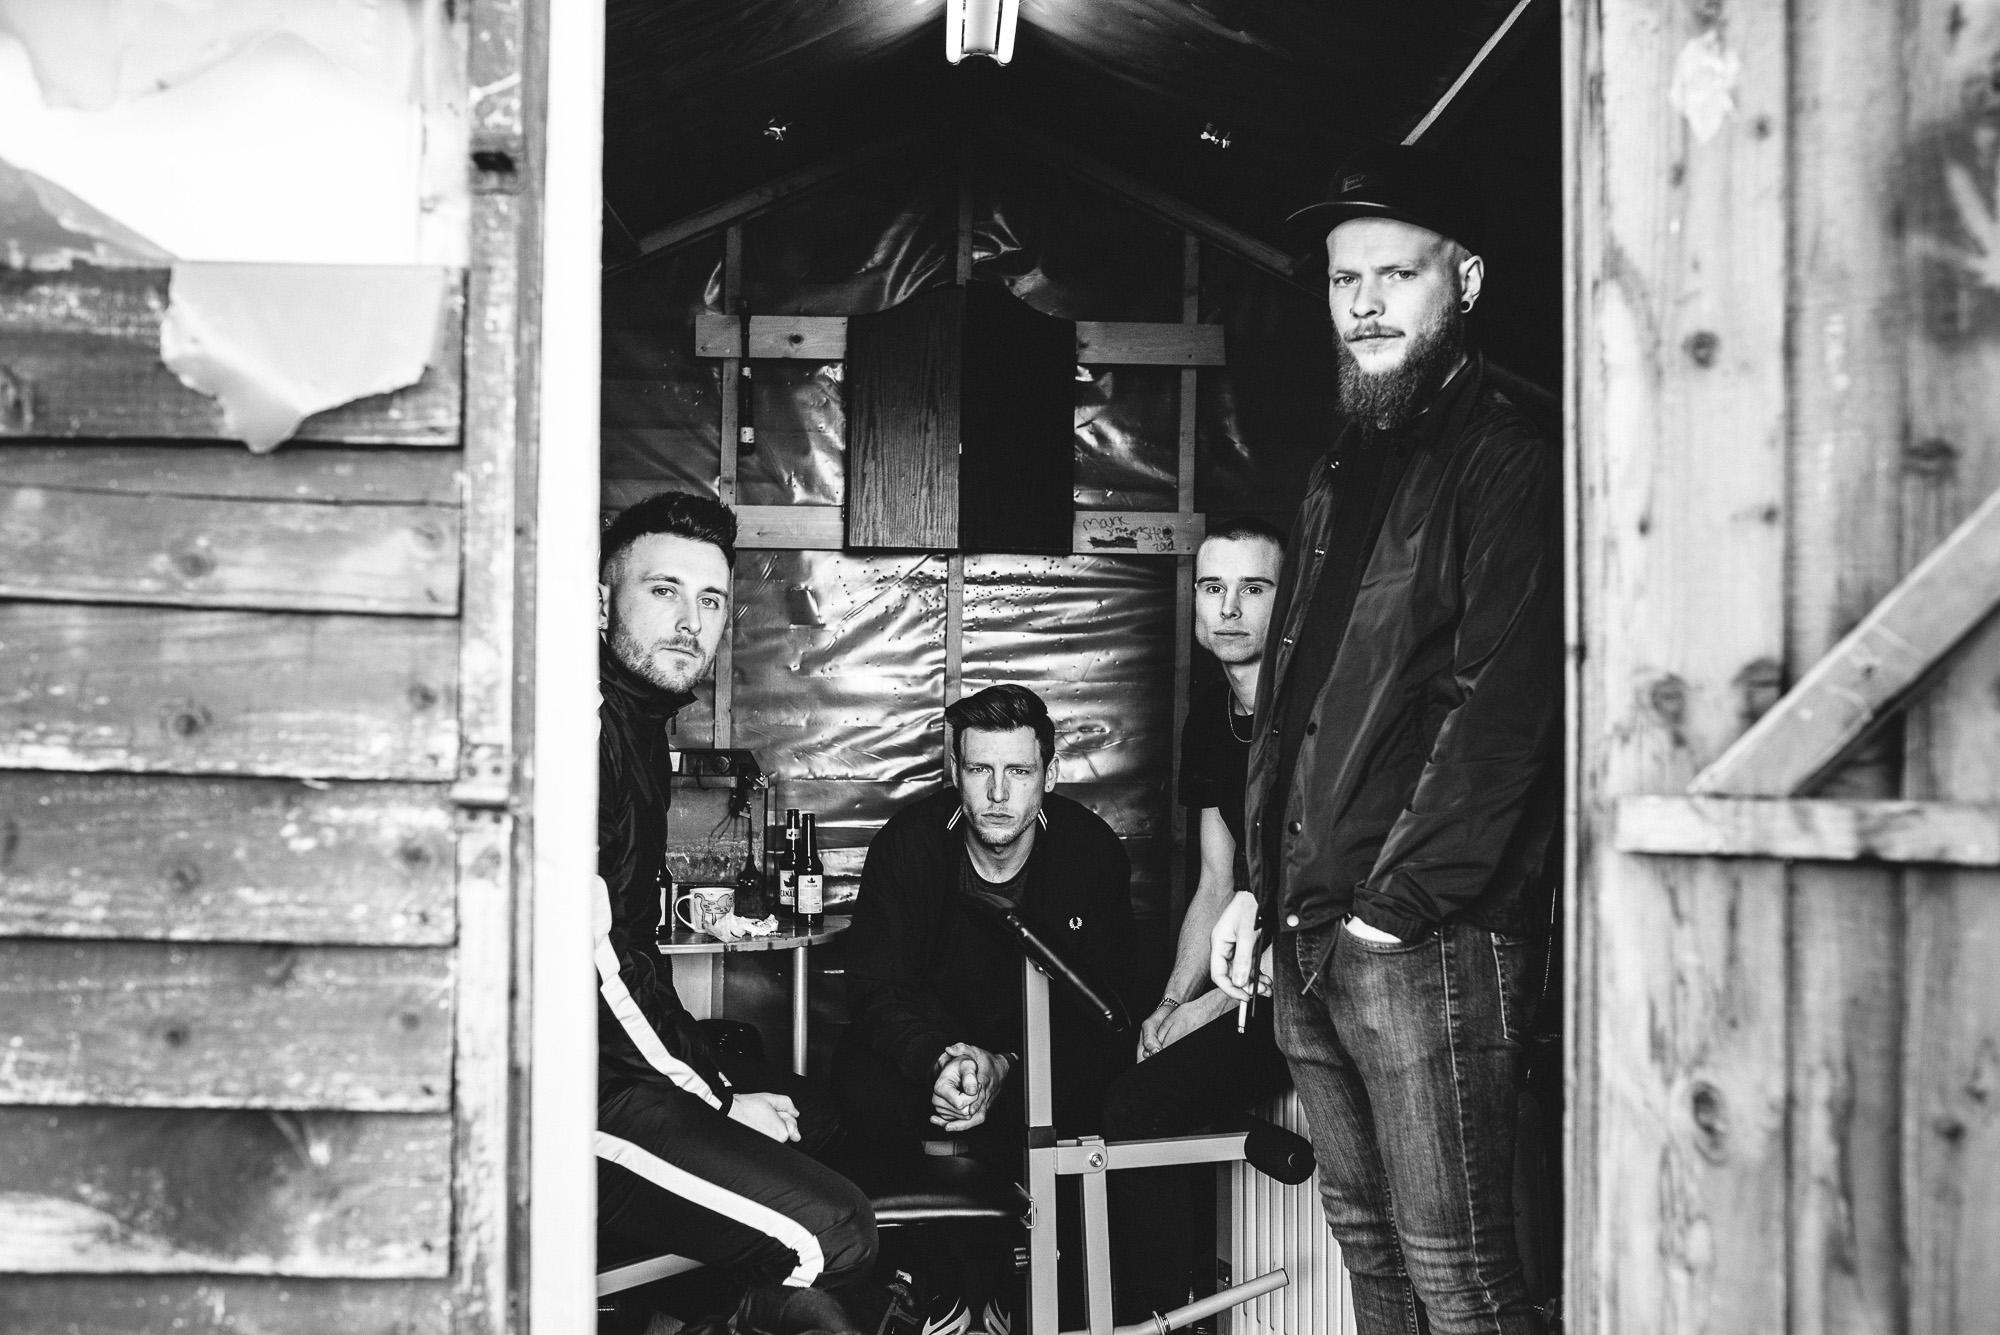 Burnt Out - Dublin - Music Photography_-34.JPG